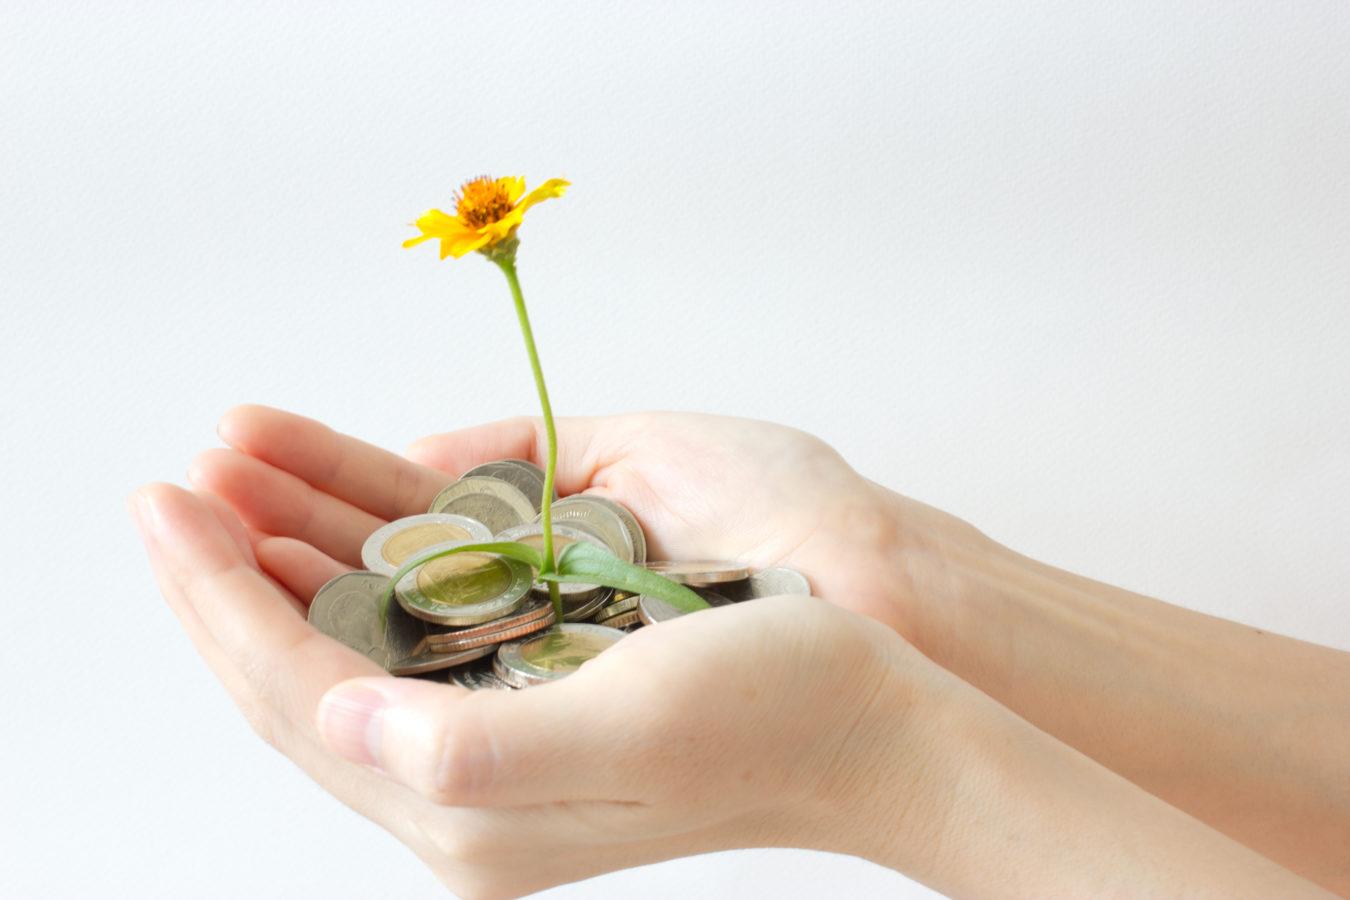 Les Cleantech suisses peuvent gagner la confiance des investisseurs